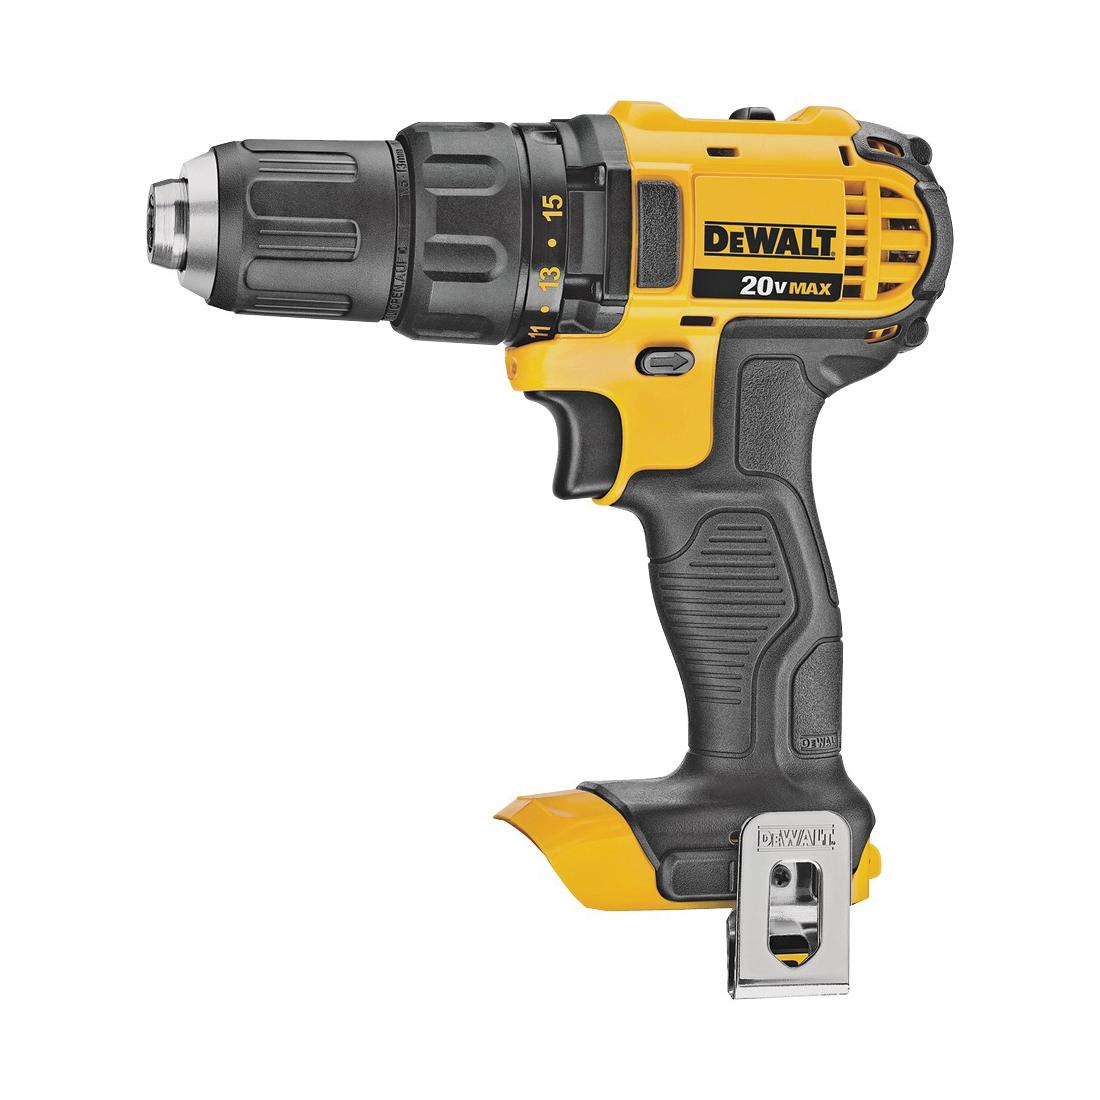 DeWalt DCD780B